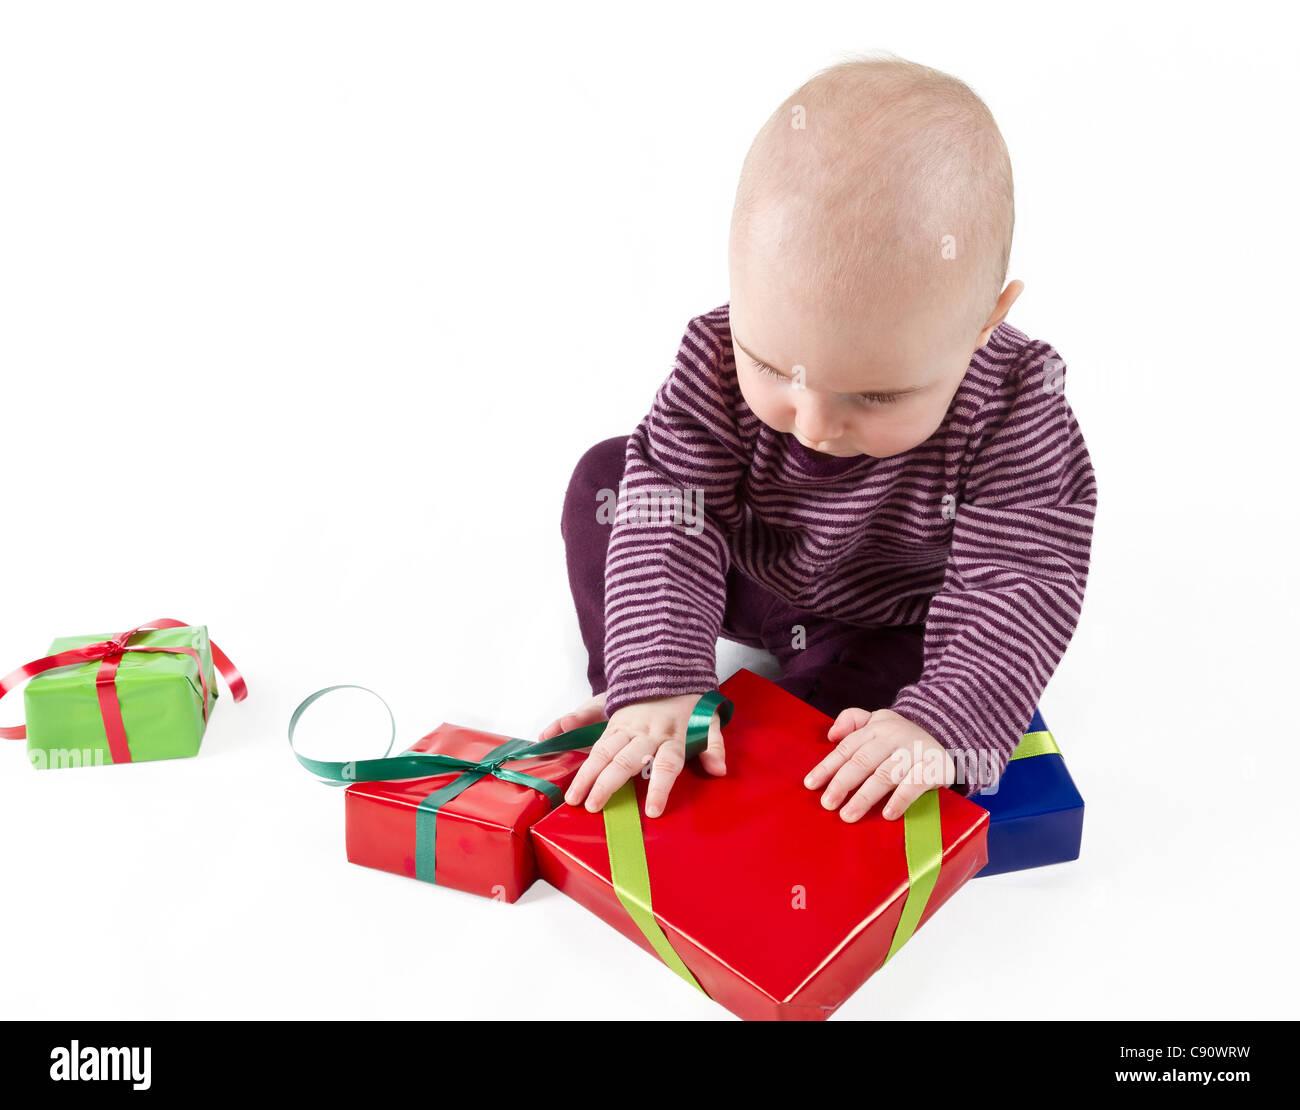 Déballage du jeune enfant présent rouge. fond blanc. Personne seule Photo Stock